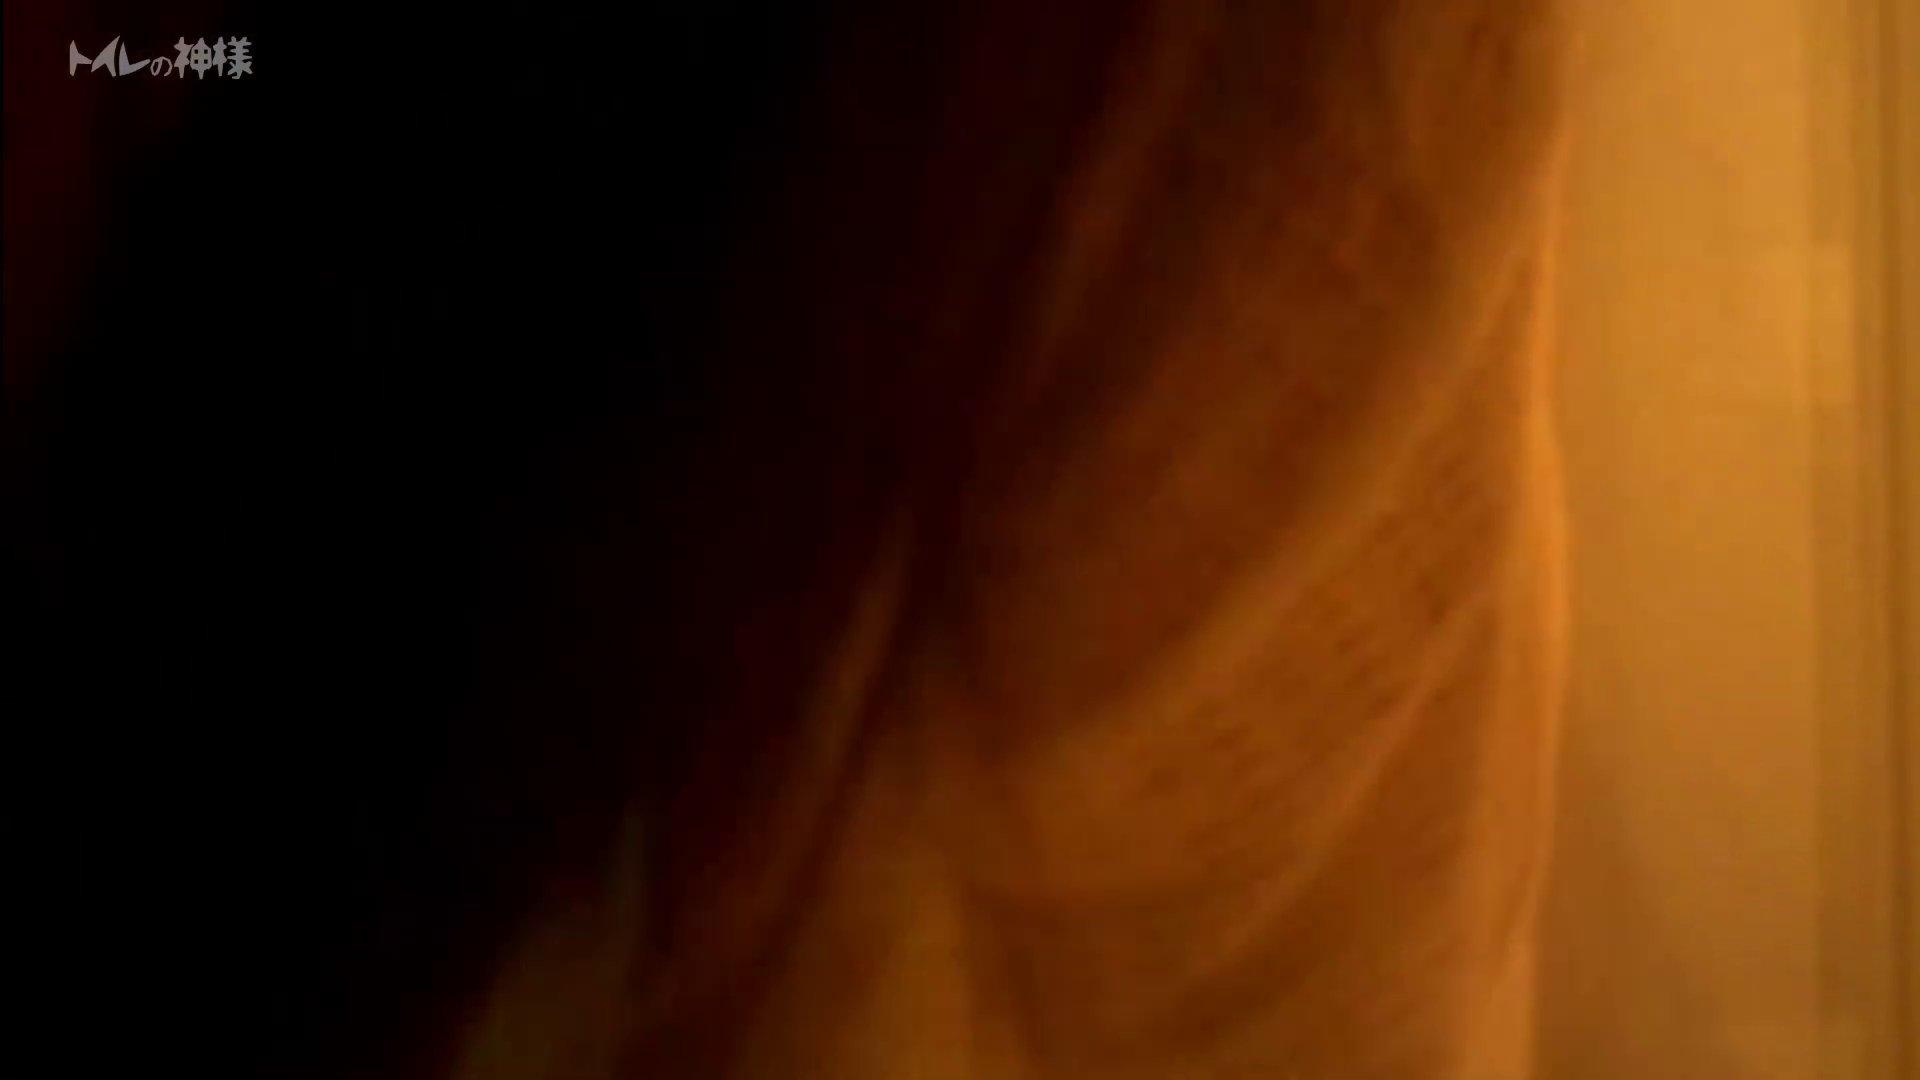 トイレの神様 Vol.03 彼女のうんち隠し撮り OLのボディ | トイレの実態  81PIX 3